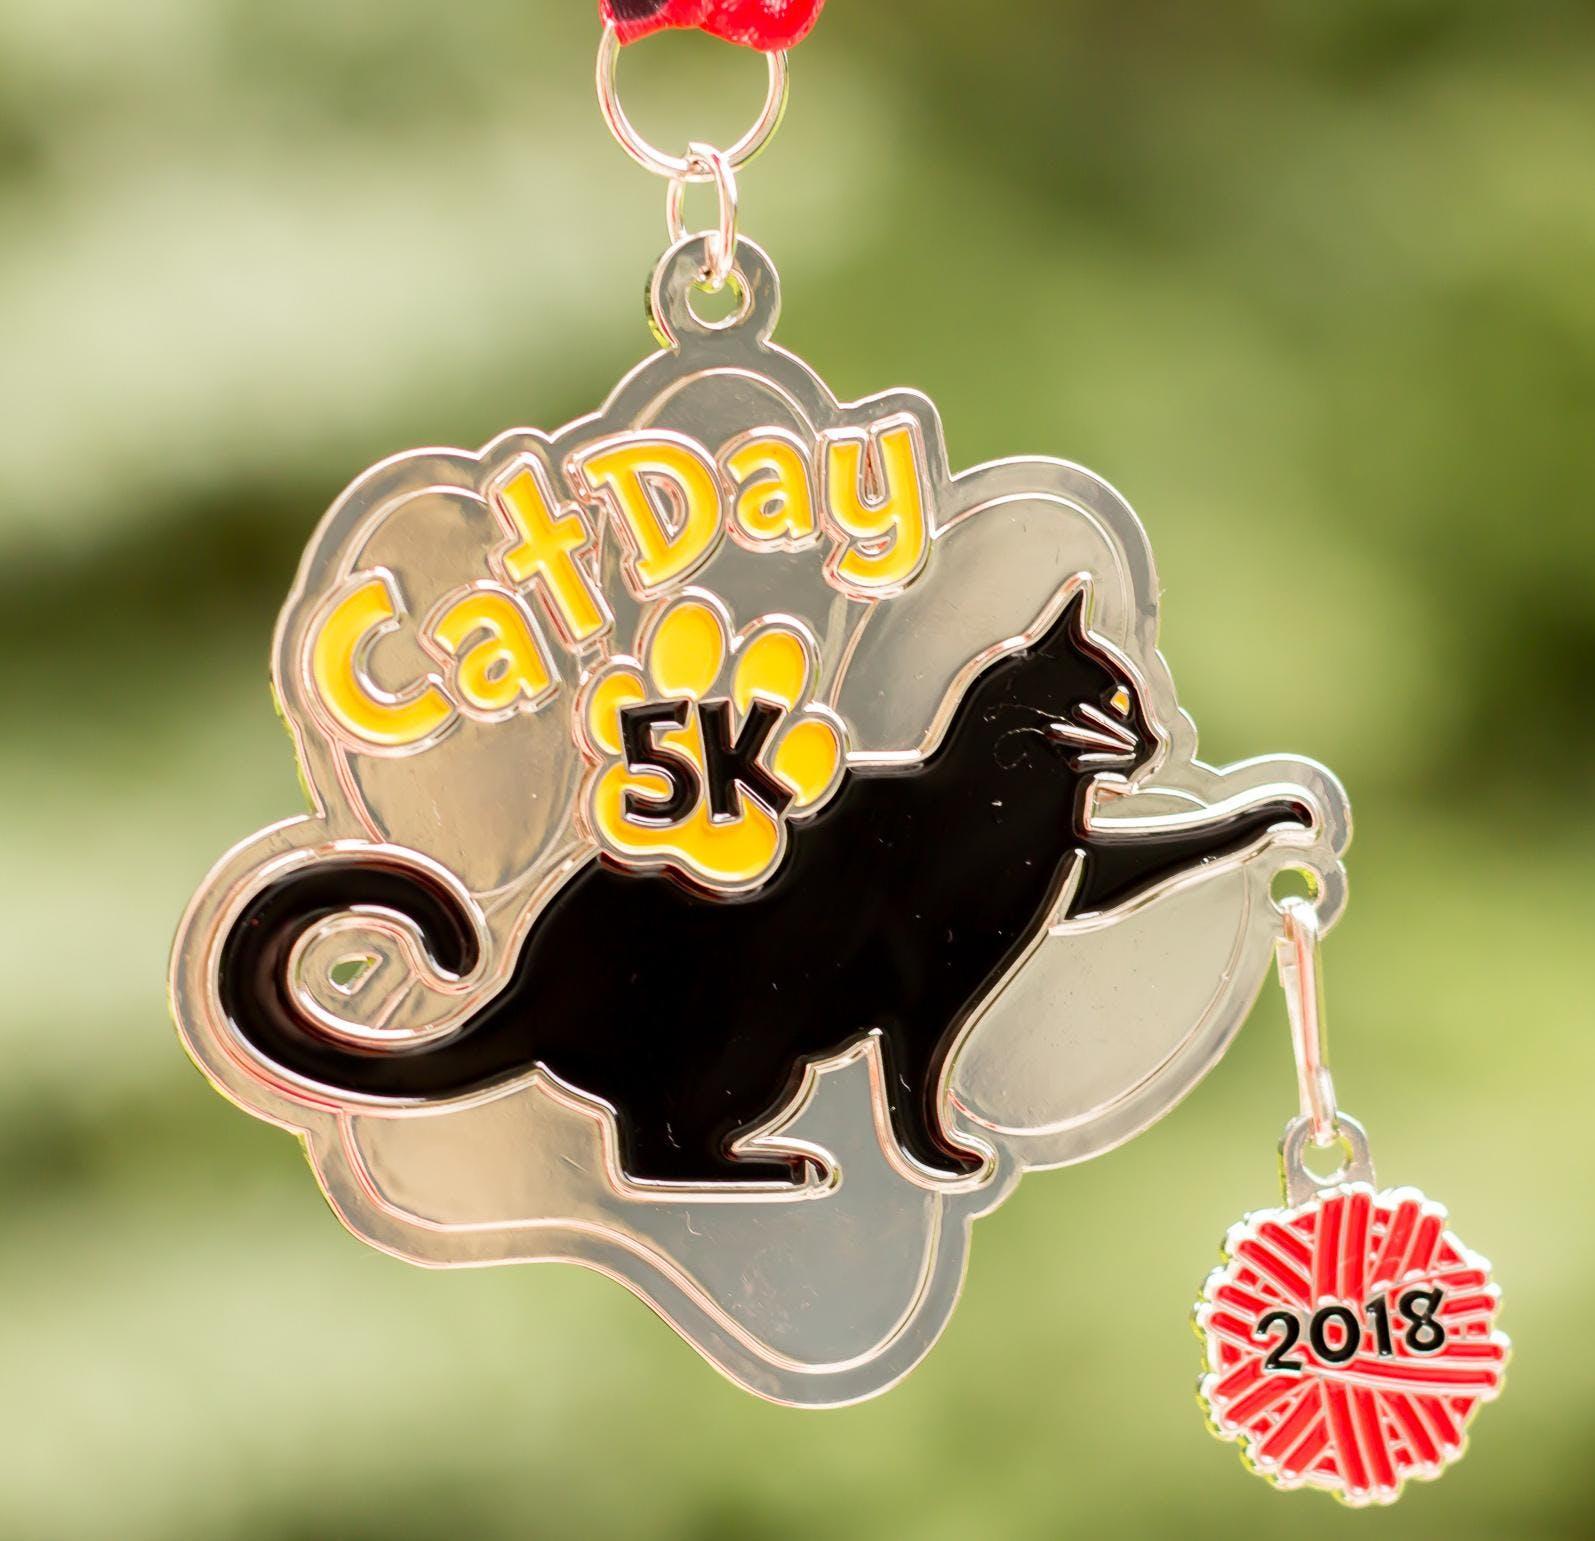 Now Only $10 Cat Day 5K & 10K -Arlington